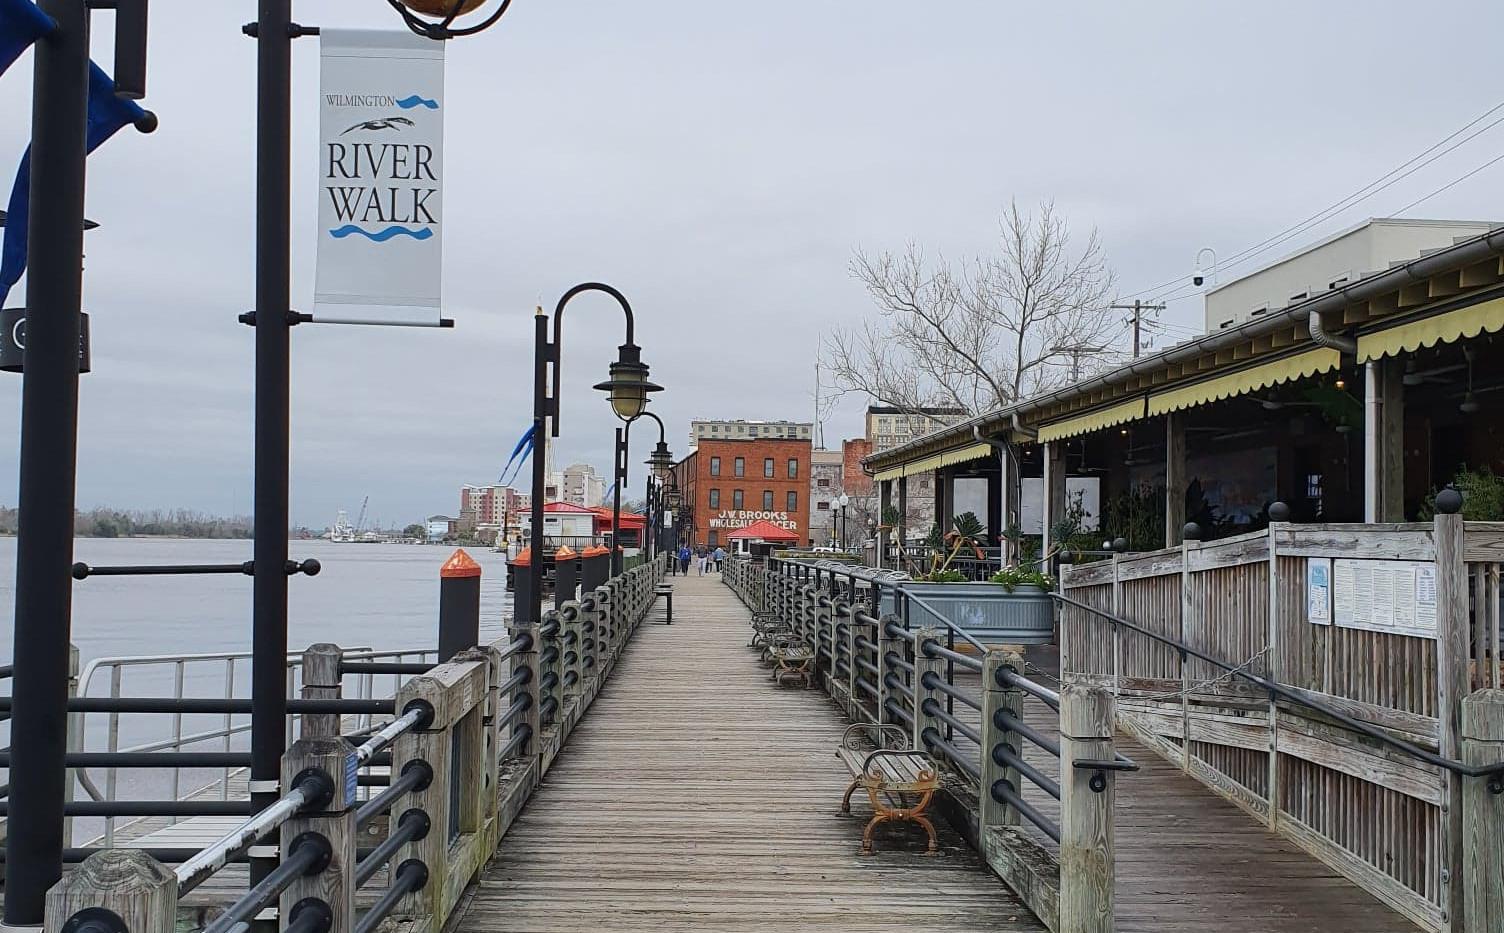 Wilmington Riverwalk